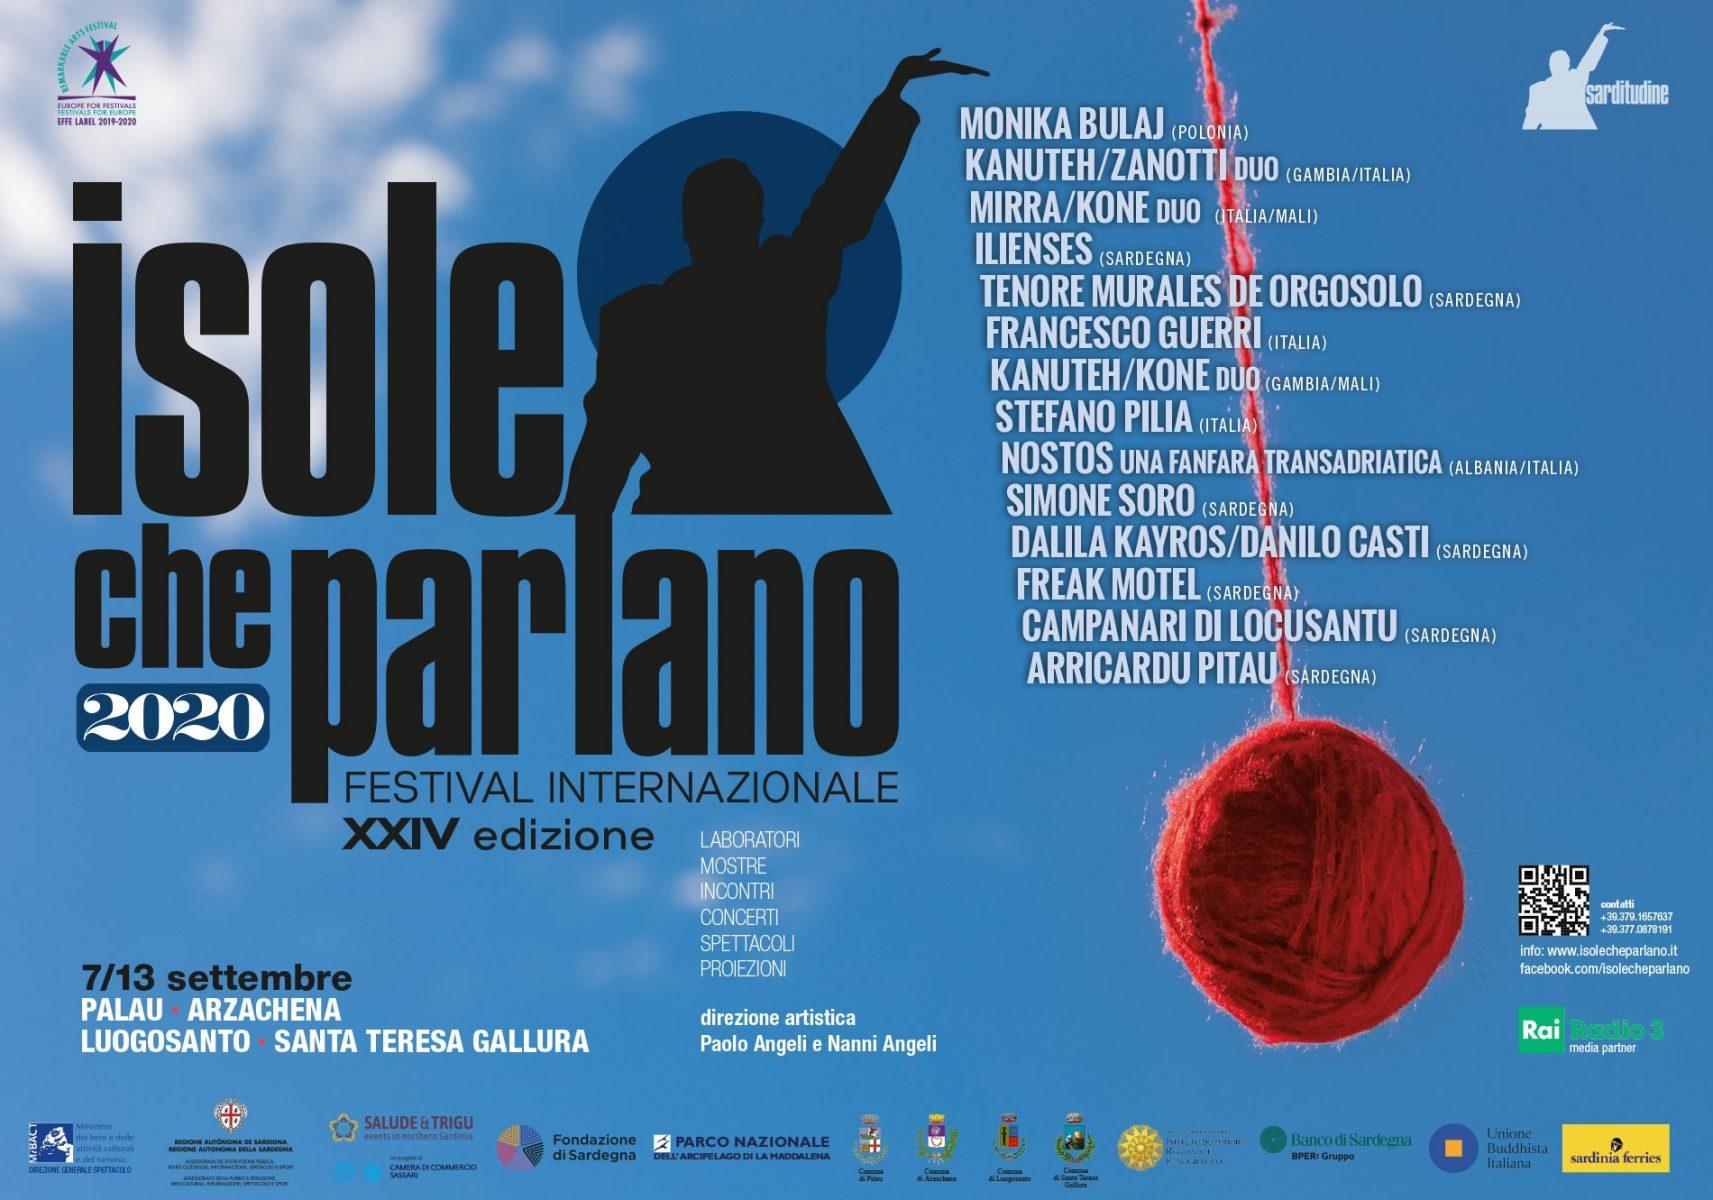 Isole che Parlano - Paolo Angeli - Nanni Angeli - Isole che Parlano di Musica - festival - Palau - 2020 - Sa Scena Sarda